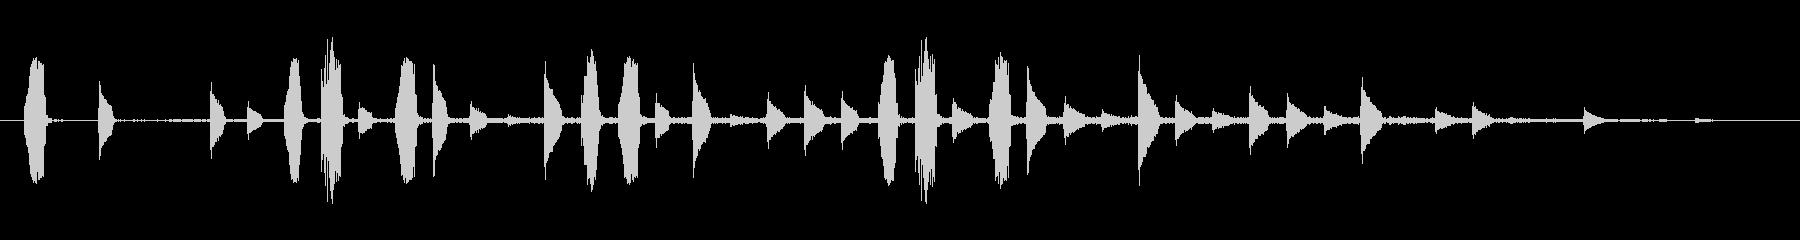 短く、シンプルなスティンガー。明る...の未再生の波形